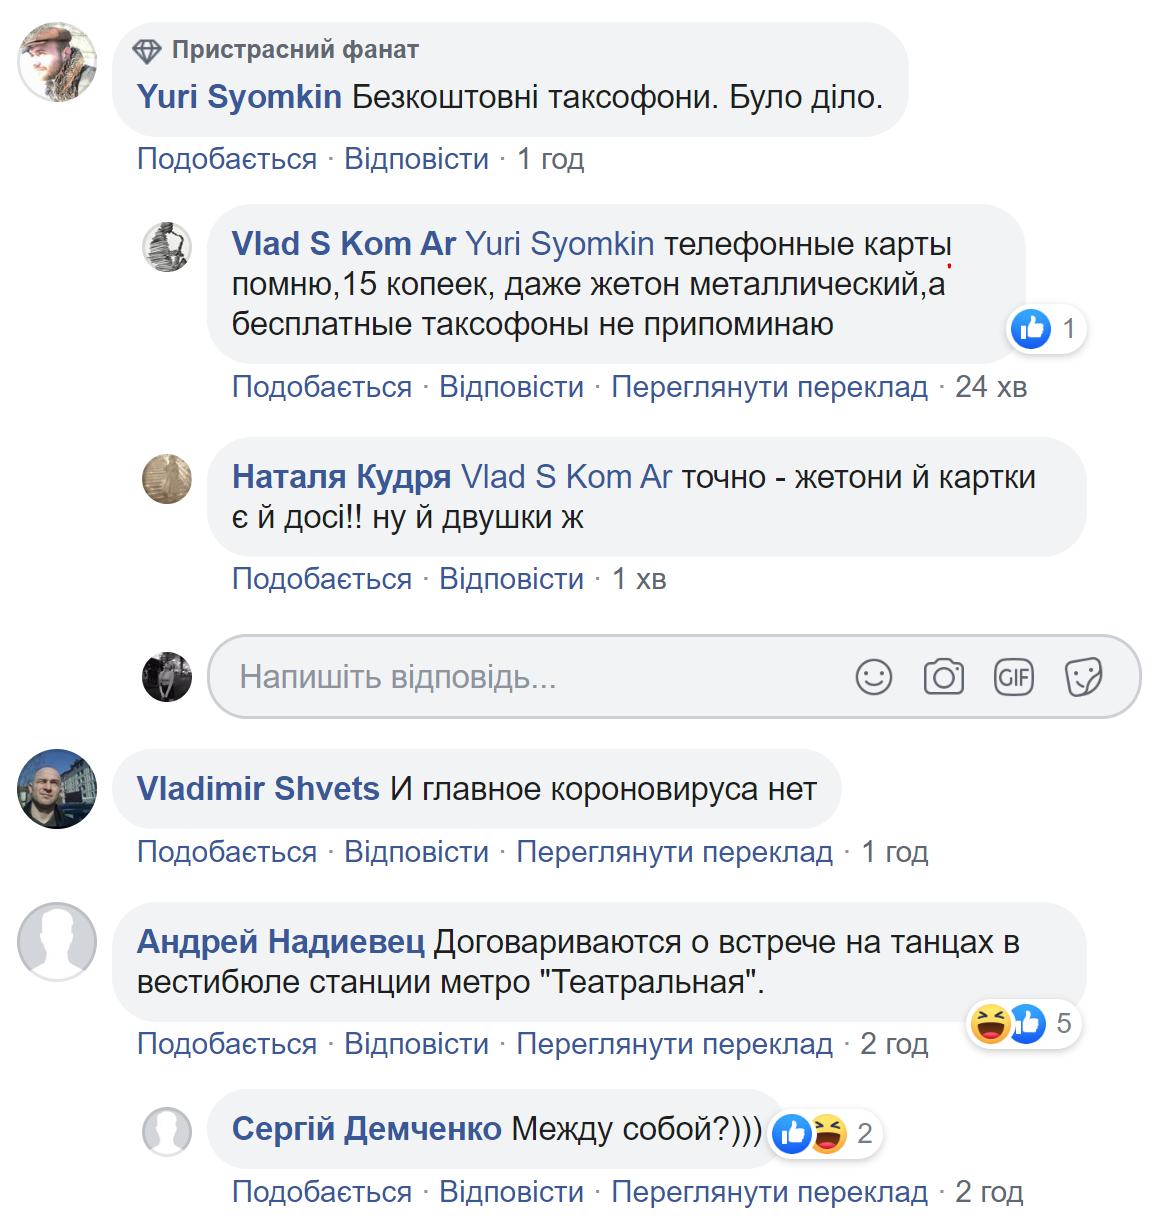 Коментарі у мережі